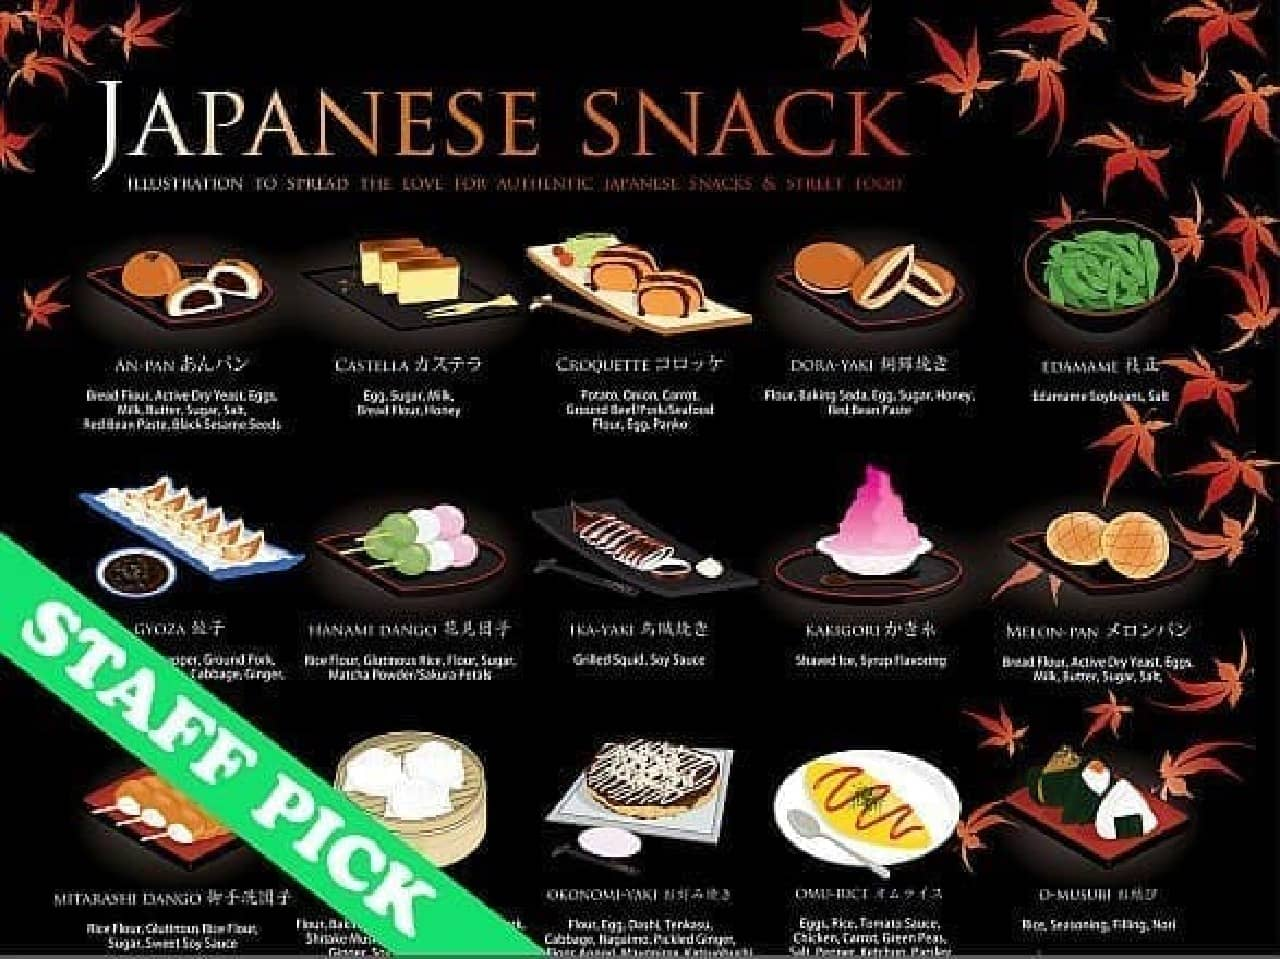 「日本のスナック」って、こういうイメージなんですね